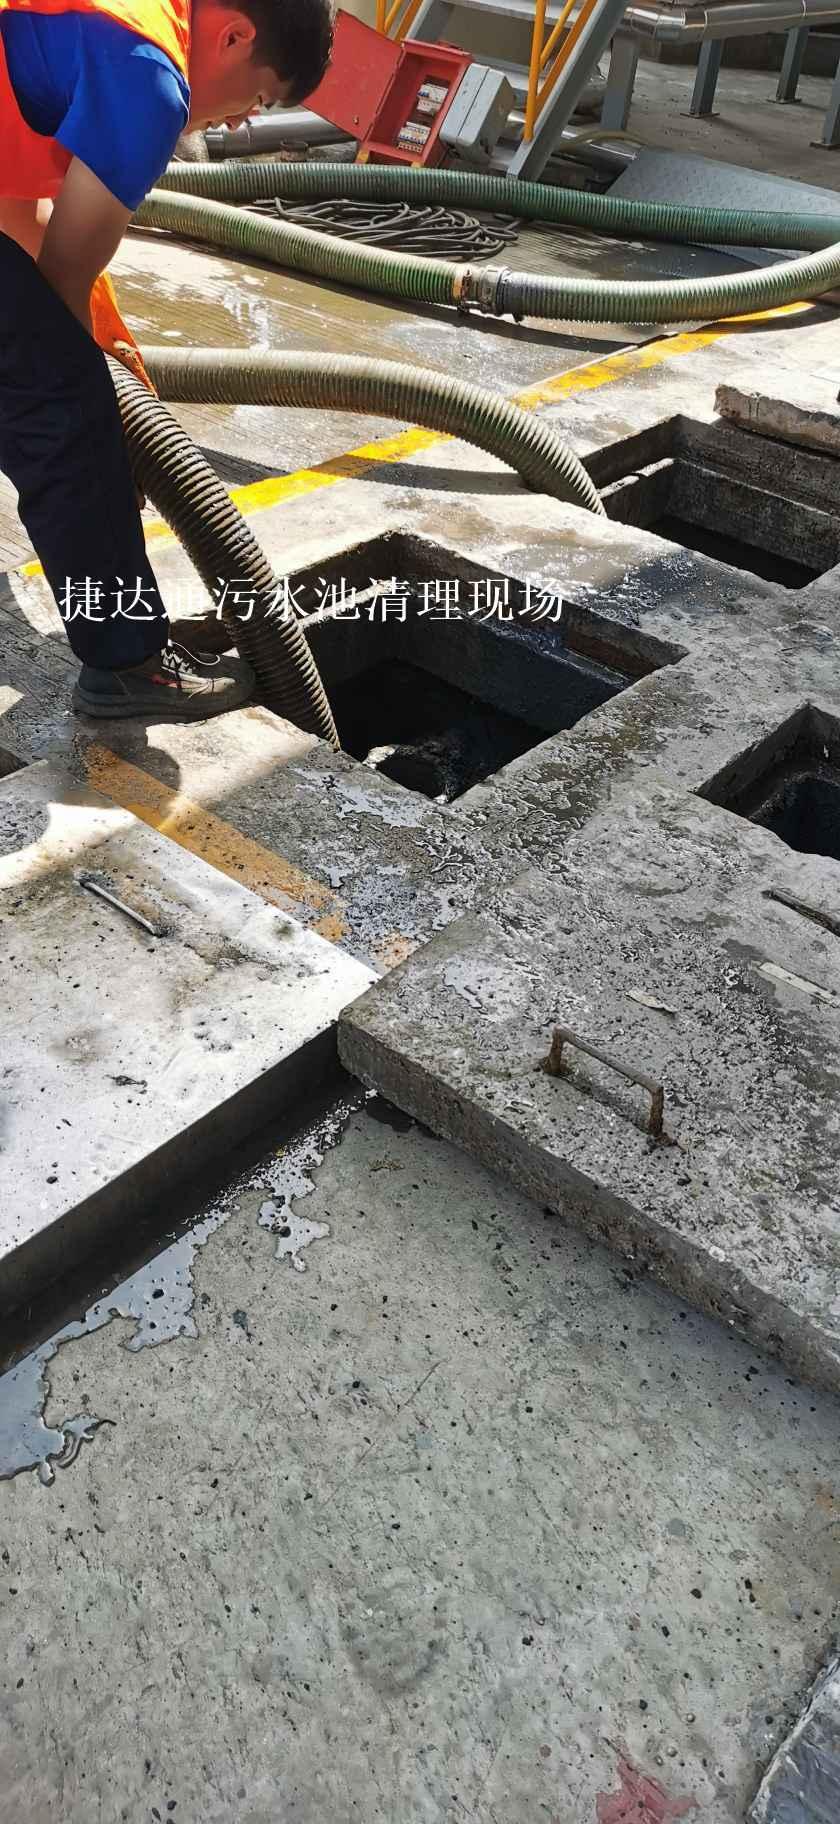 隔油池清理公司*温州市泰顺县隔油池污水池清理资质公司